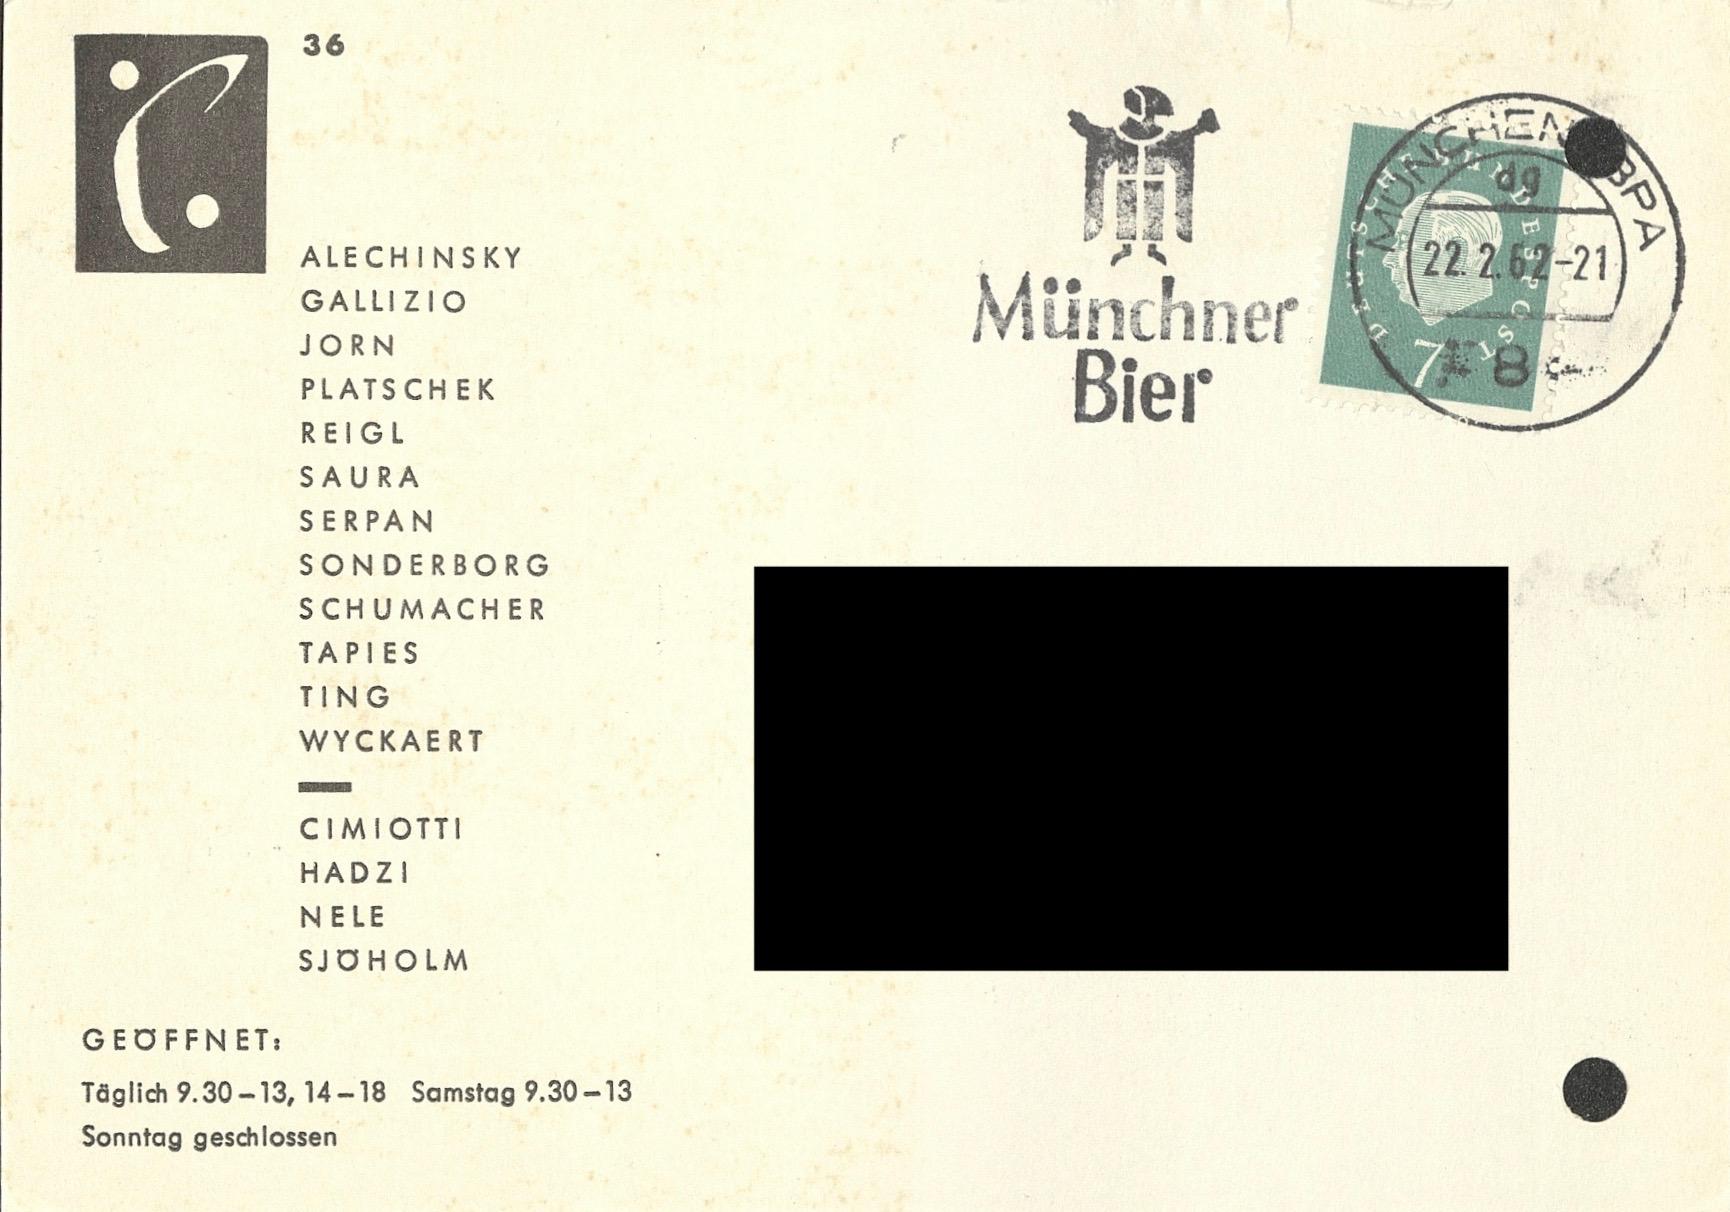 GRUPPE SPUR – Ölbilder und Skupturen, Galerie van den Loo, Munich, 1962 (INVITATION); Archiv der Avantgarden, Staatliche Kunstsammlungen Dresden